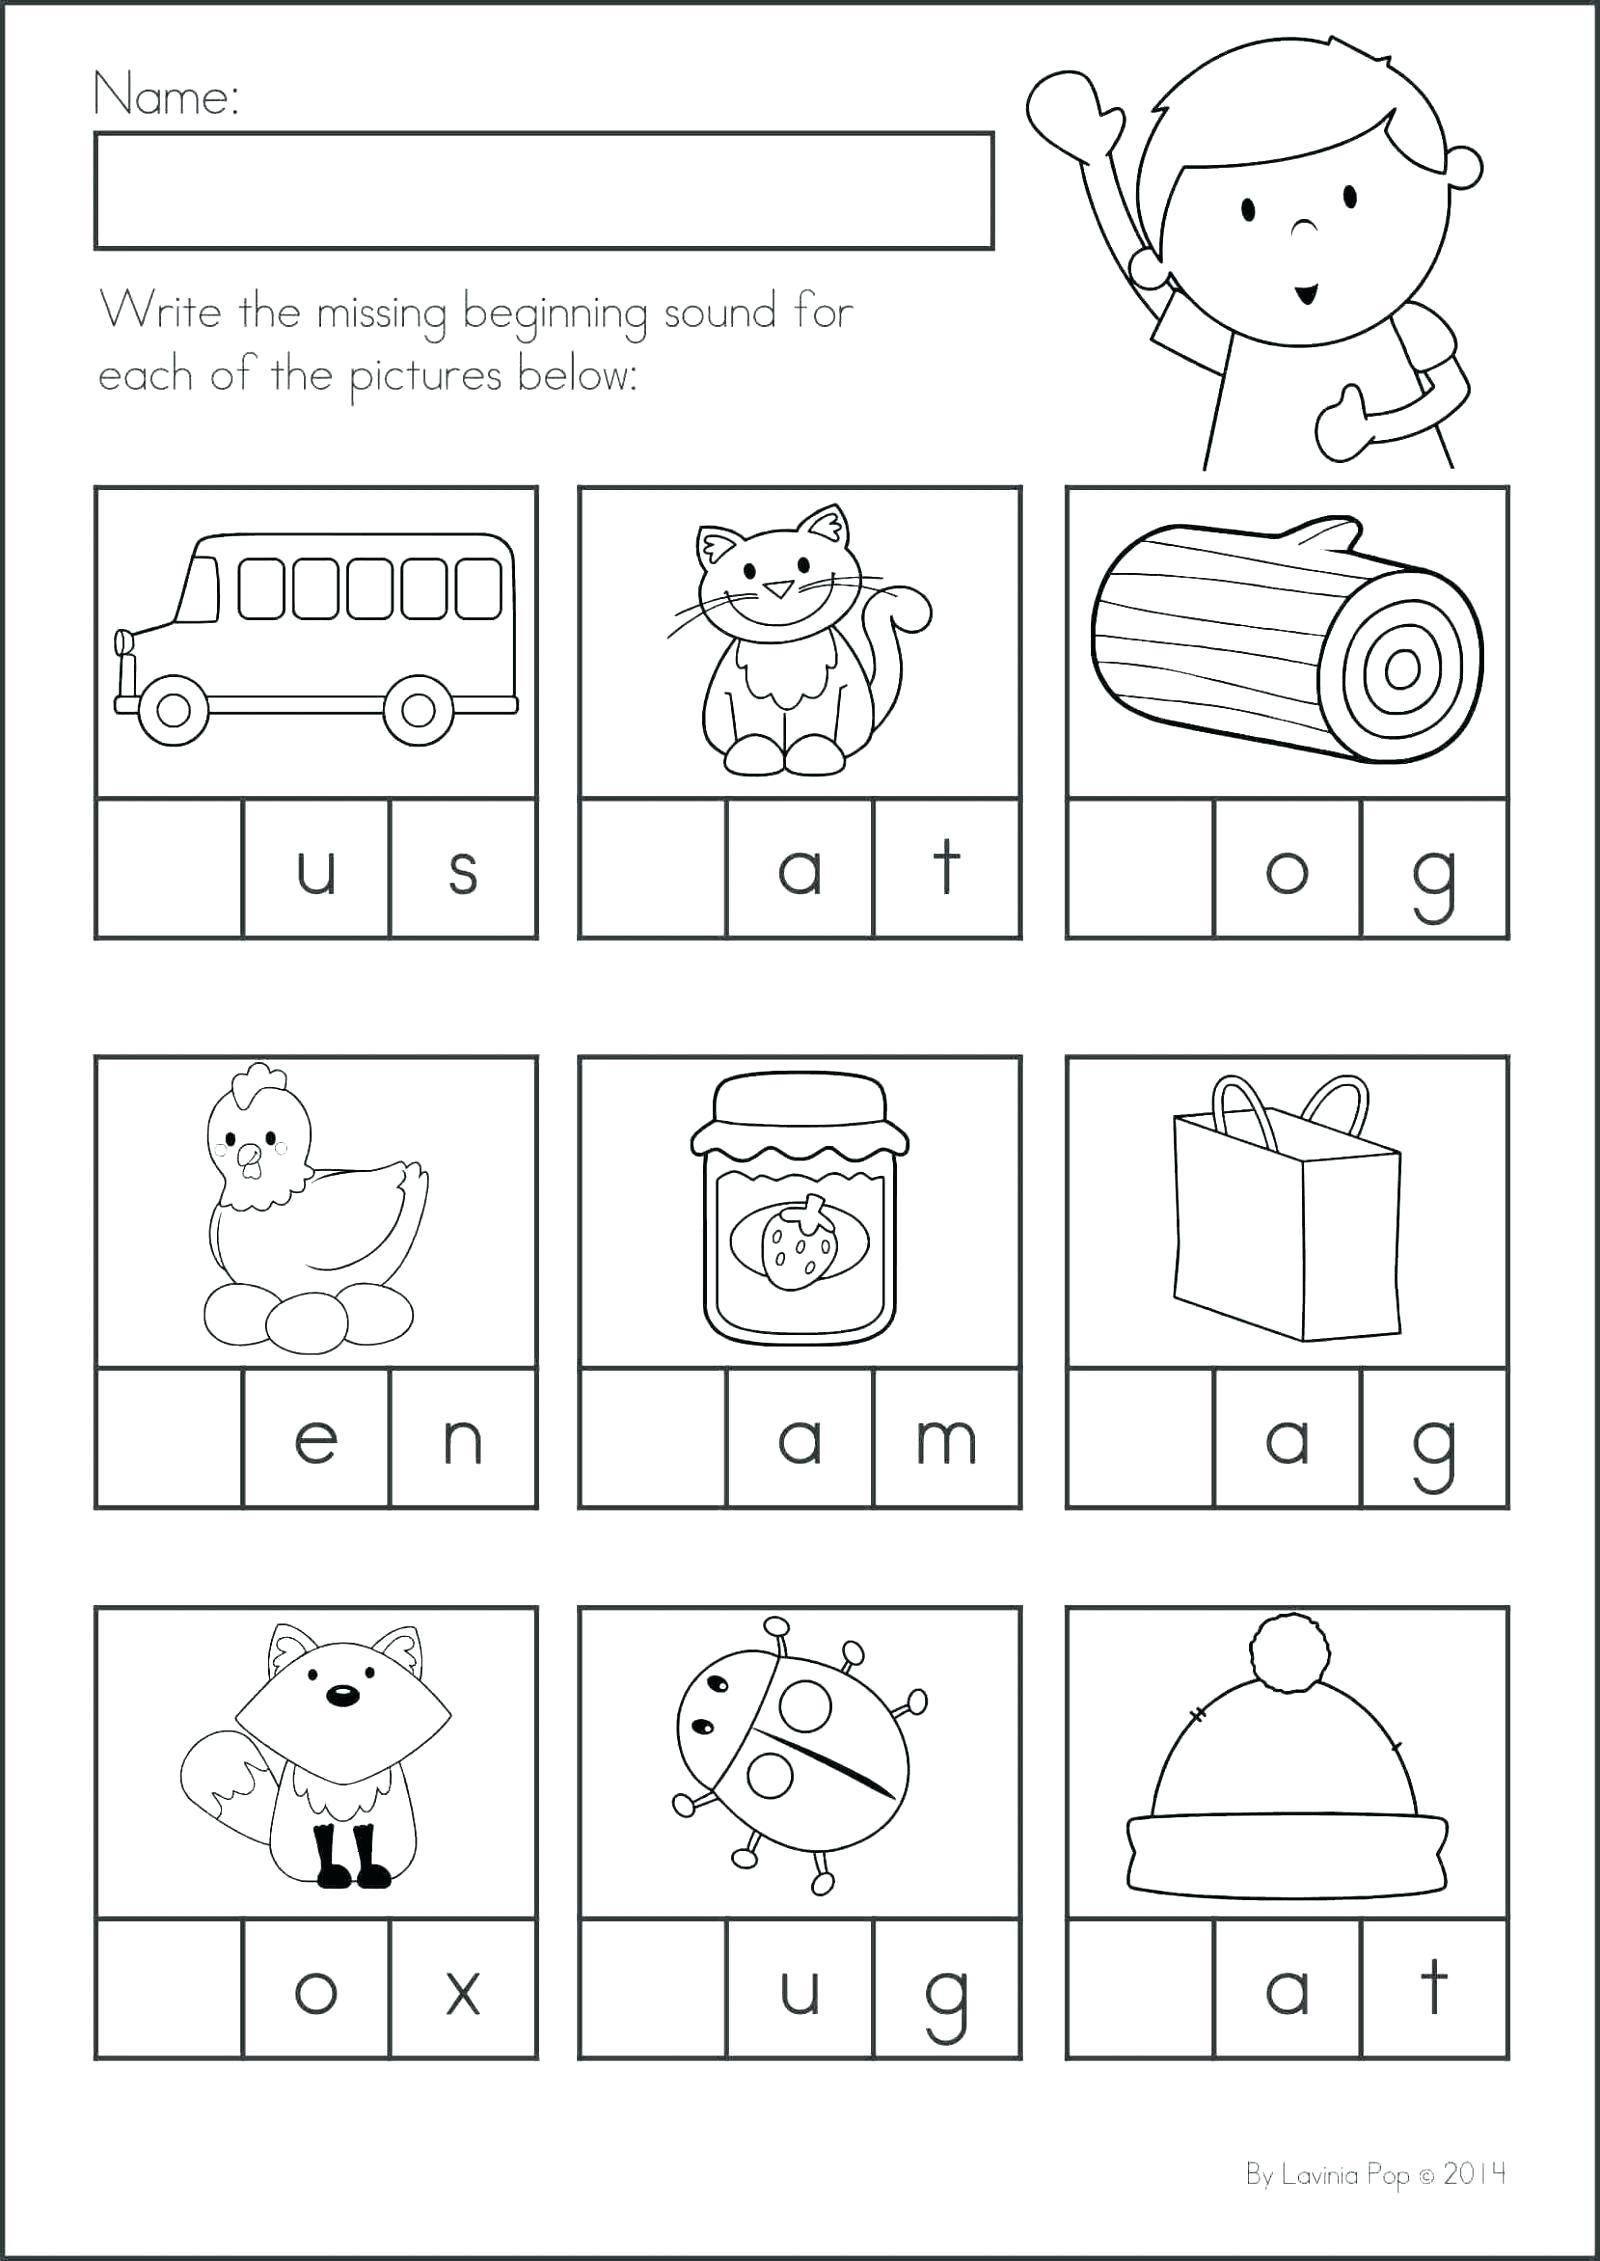 Letter Sound Worksheets For Free Download. Letter Sound regarding Alphabet Sounds Worksheets